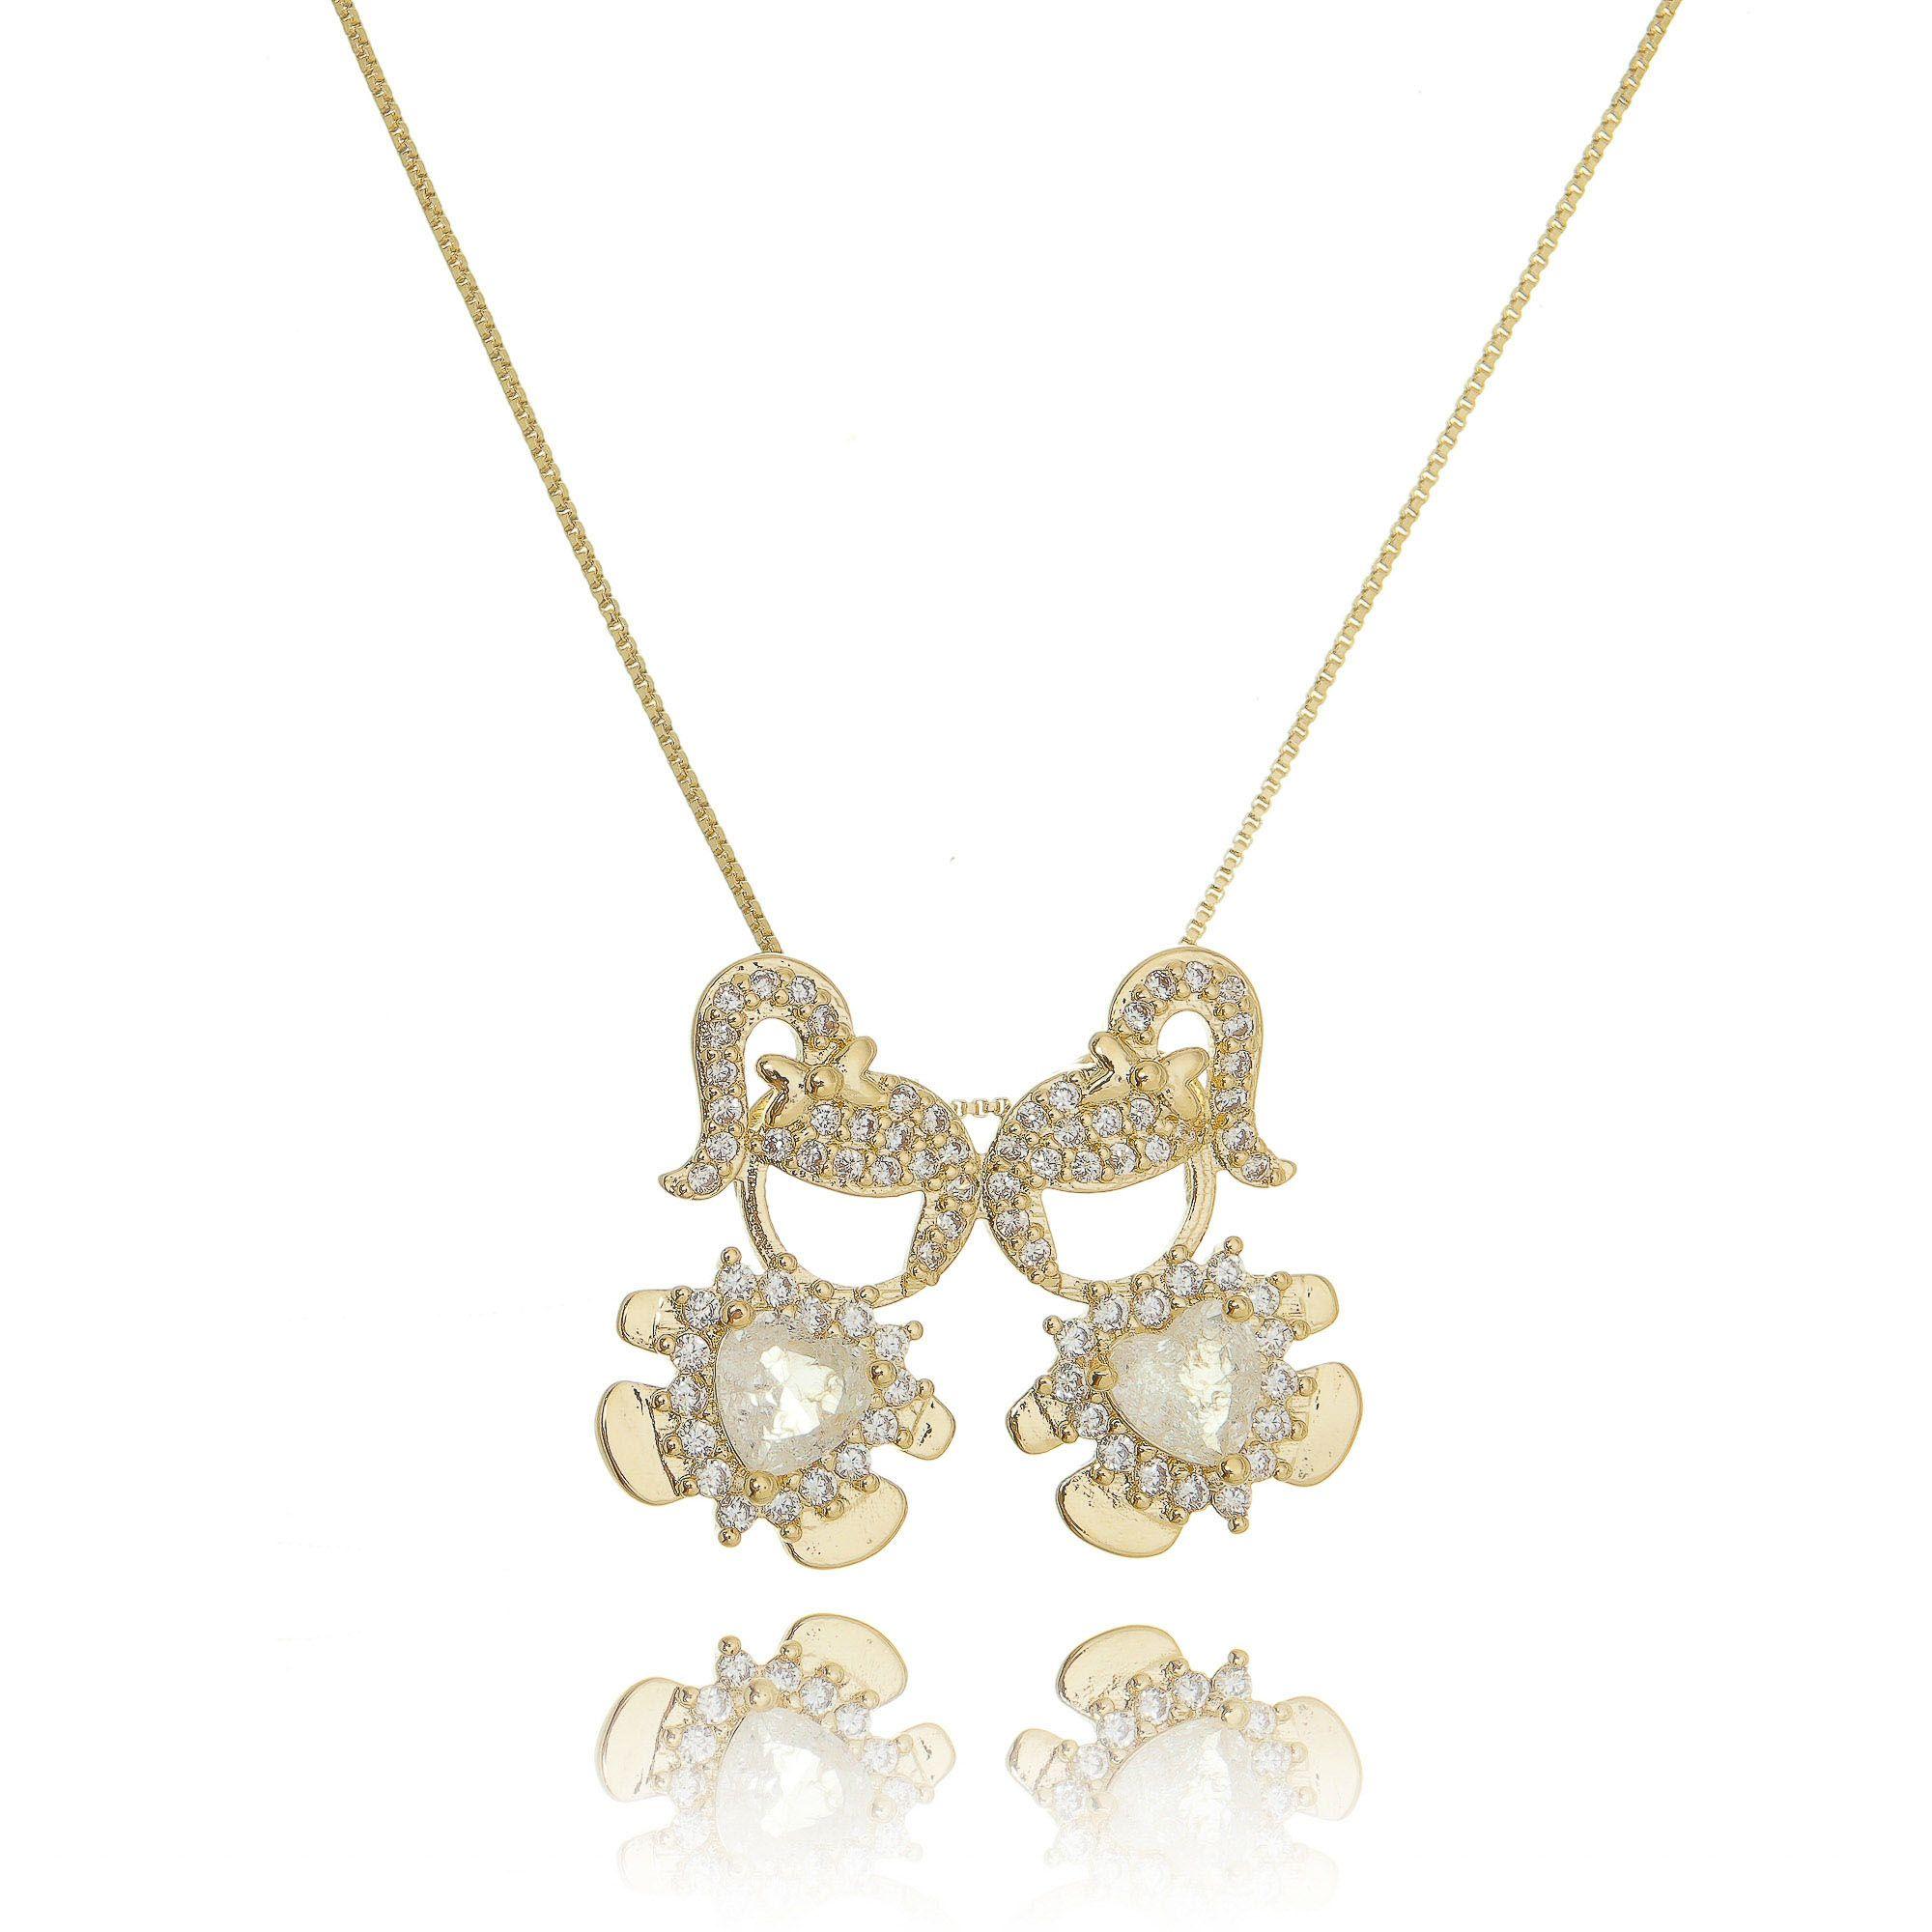 Colar 2 Meninas Dourado Fusion Cristal e Zircônia Semijoia Ouro 18K -  SOLOYOU ... 0b001568d3